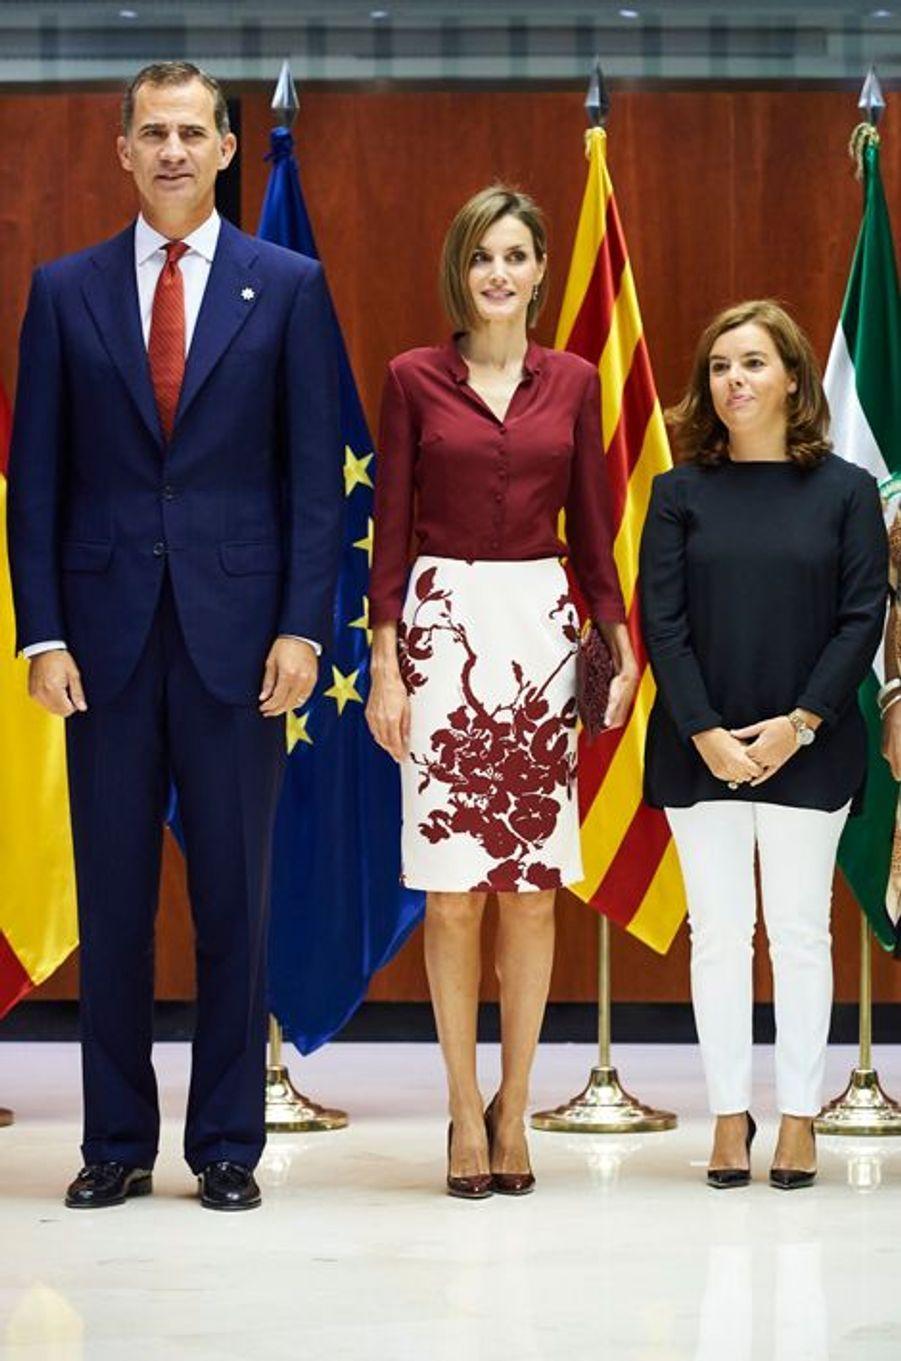 La reine Letizia et le roi Felipe VI d'Espagne avec Soraya Saenz de Santamaría à Madrid, le 9 septembre 2015